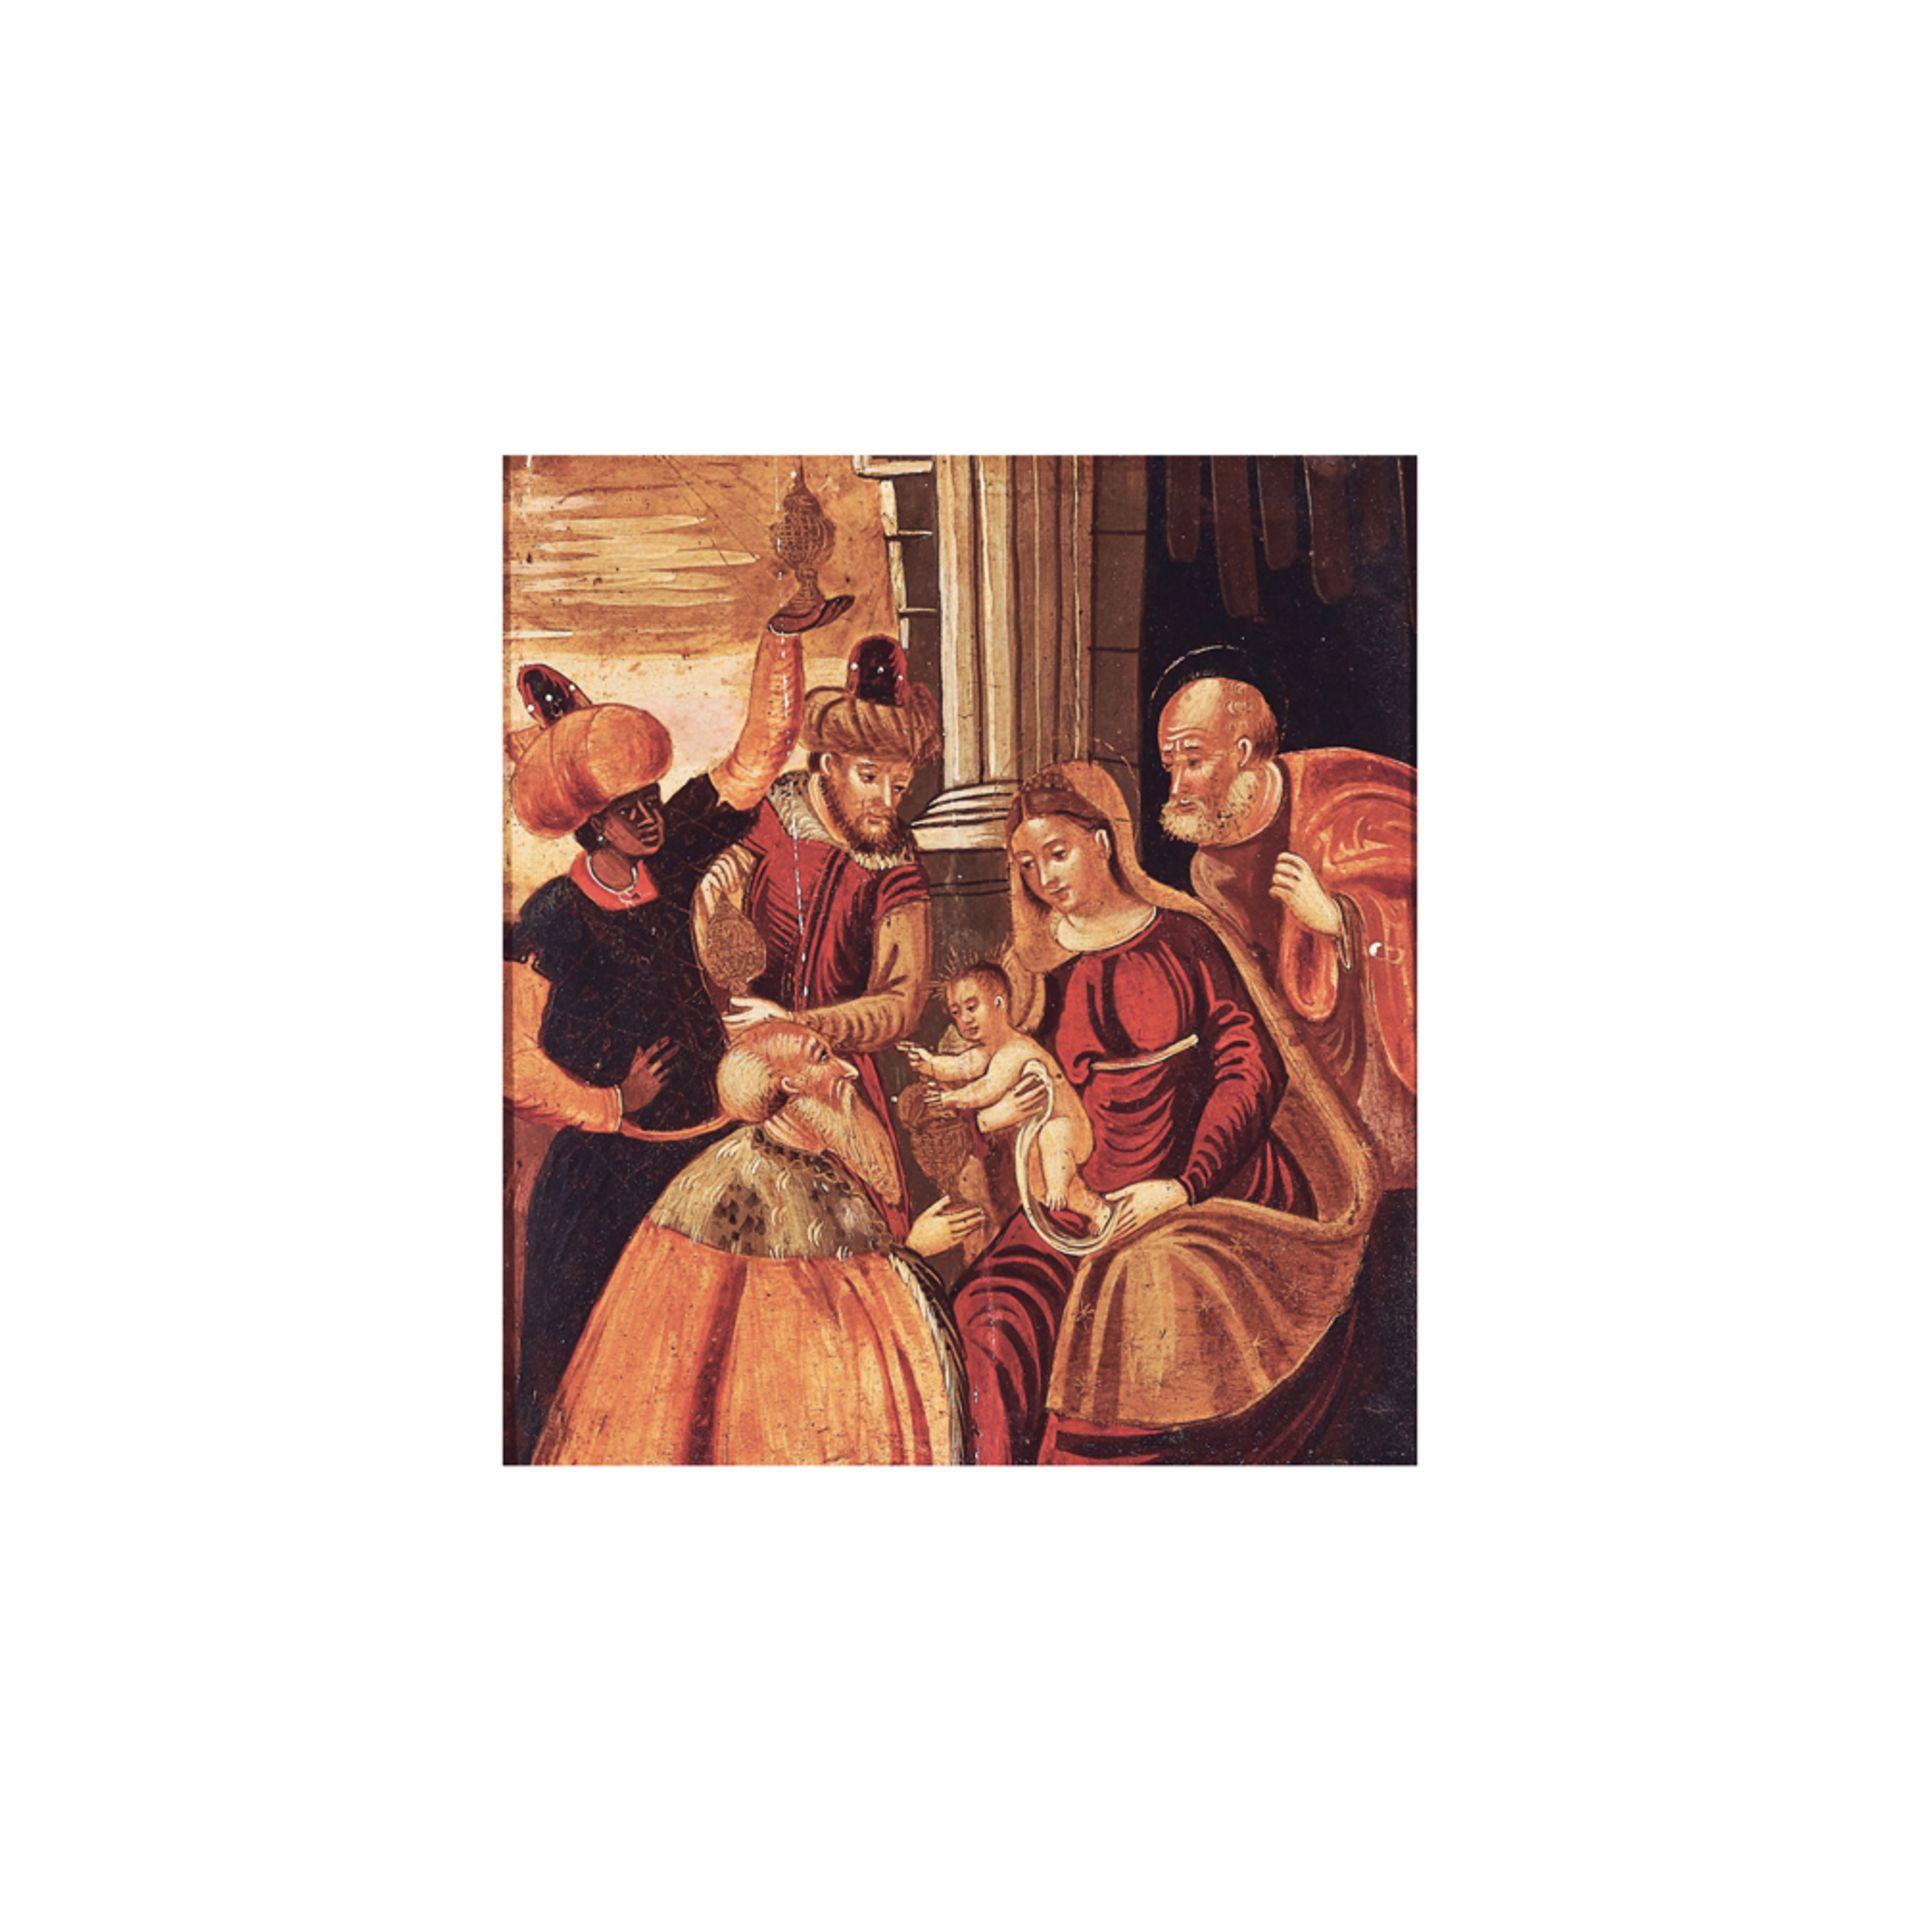 Los 19 - Escuela véneto-cretense, s.XIX. Adoración de los Reyes Magos. Óleo sobre tabla.